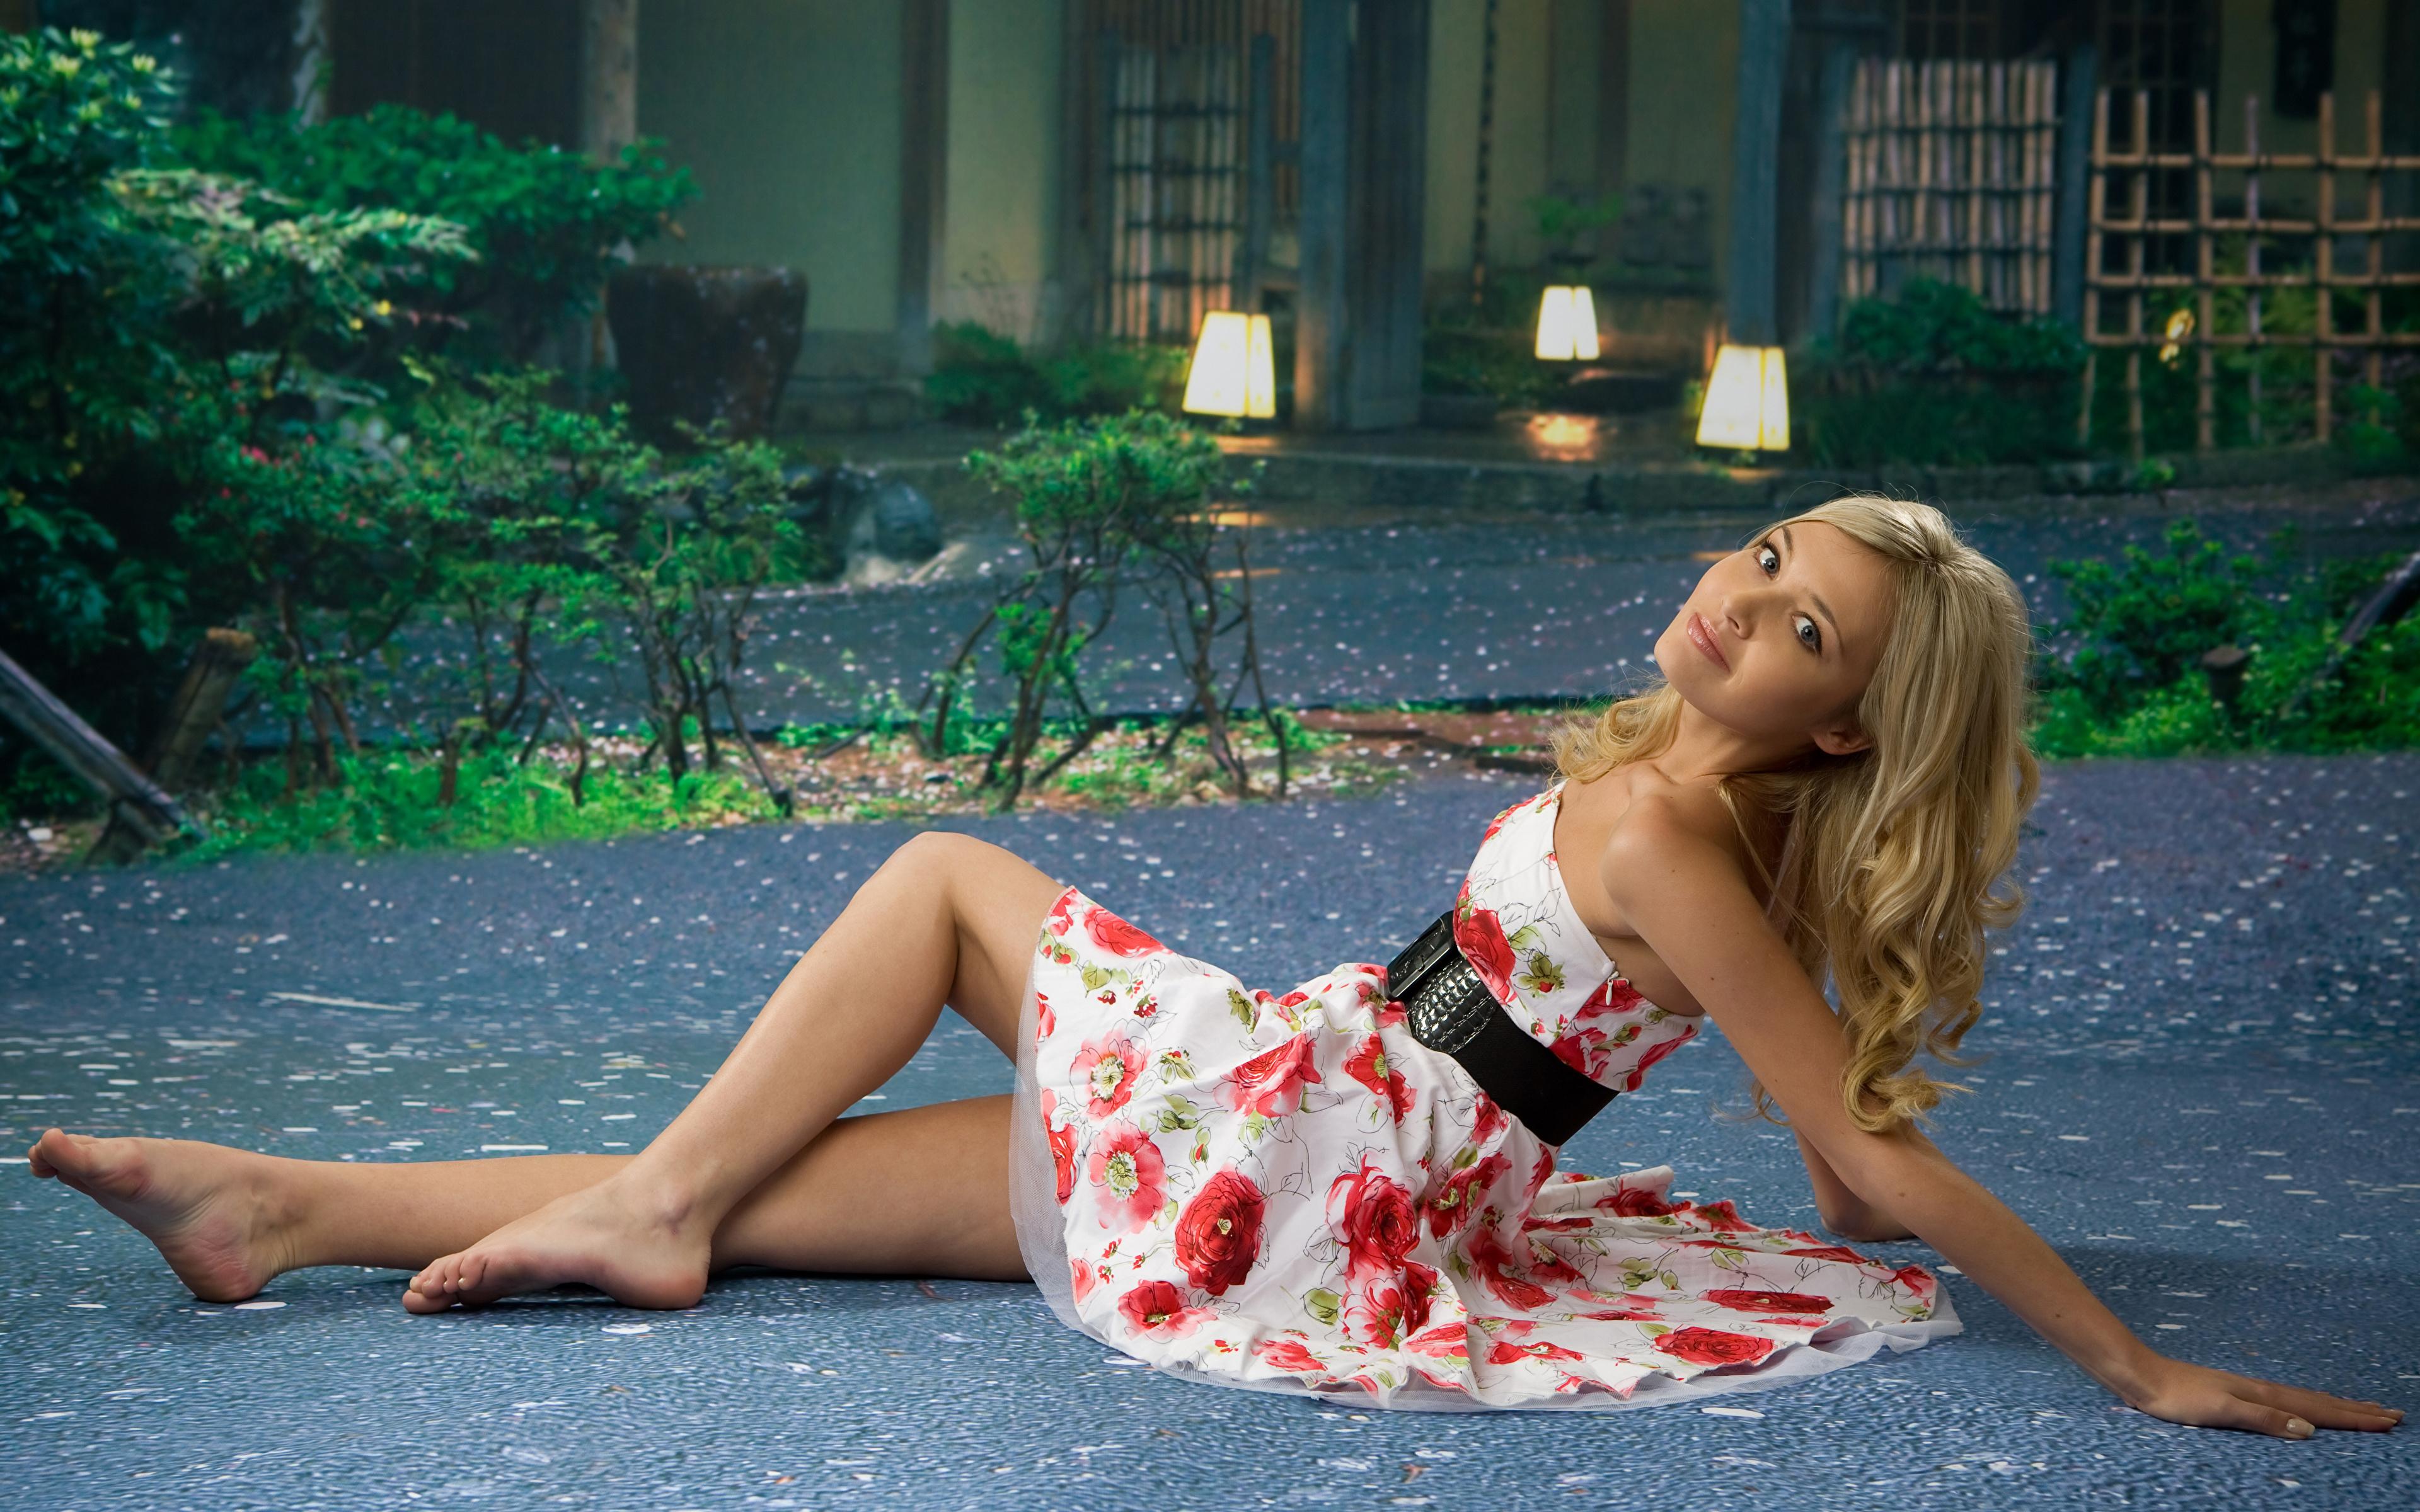 Foto Blondine posiert Mädchens Bein Hand Kleid 3840x2400 Blond Mädchen Pose junge frau junge Frauen